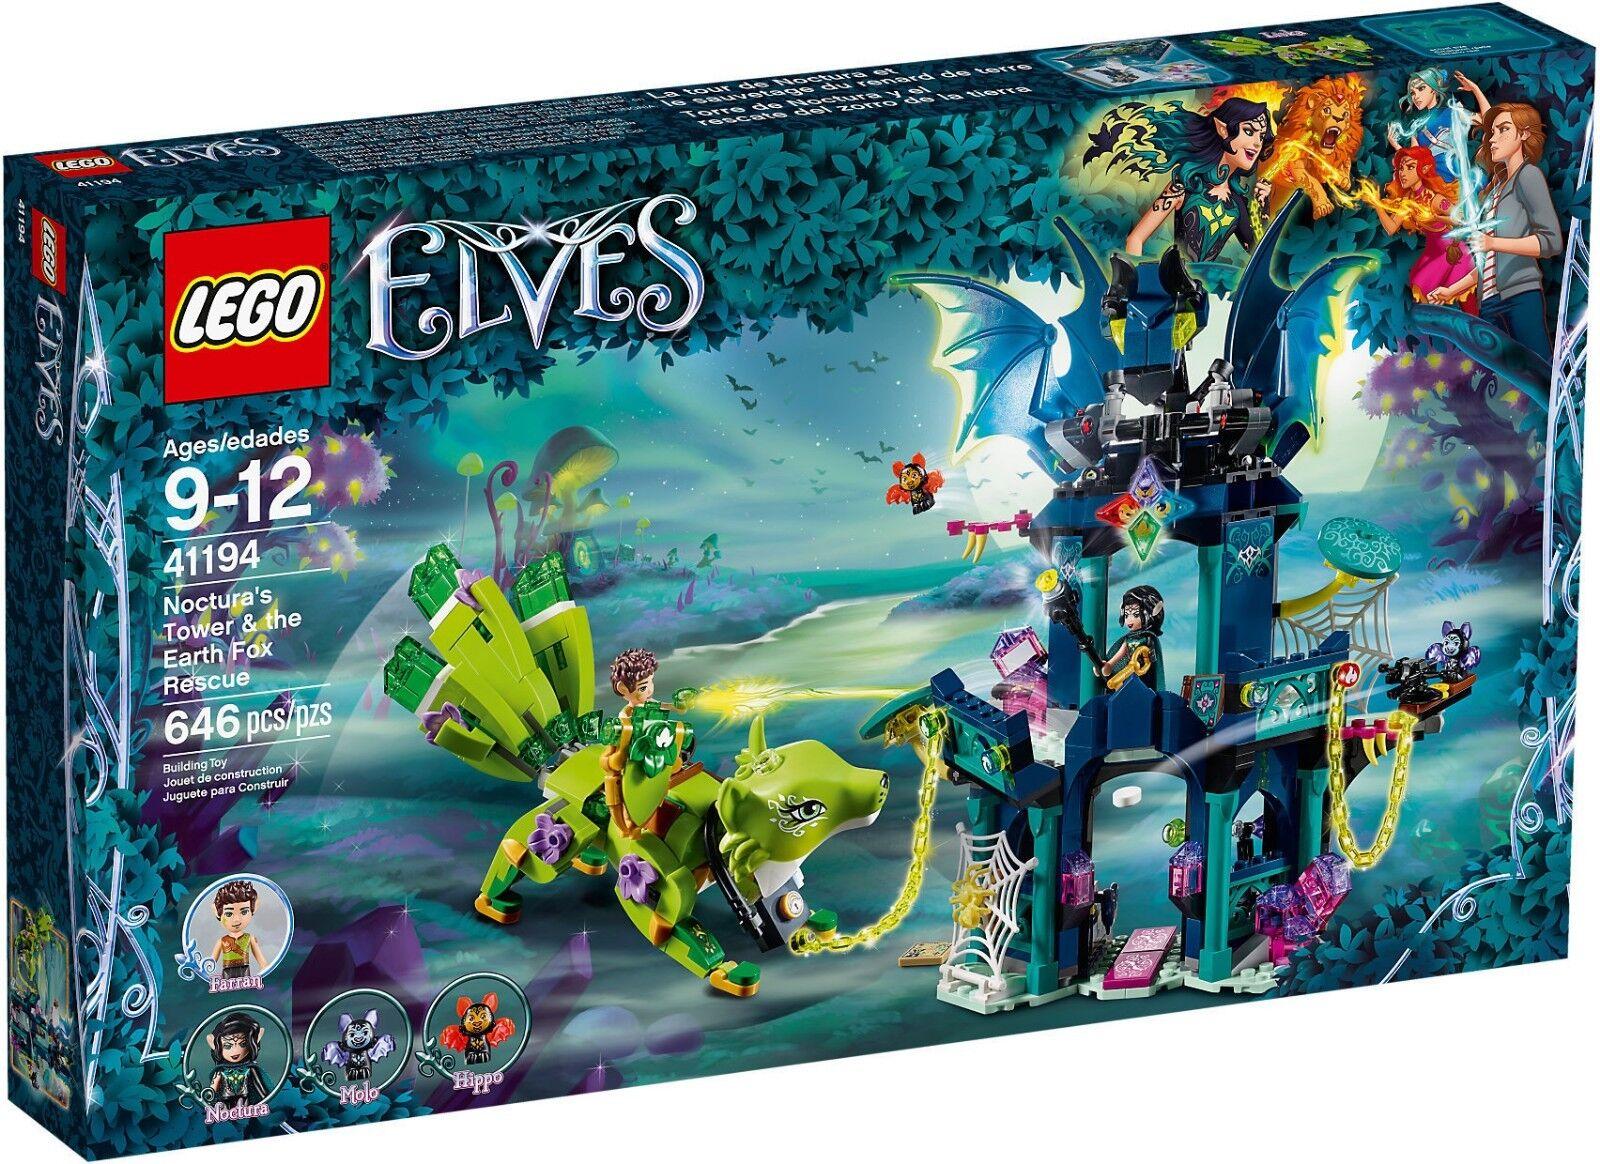 LEGO Elfen 41194 - der Turm der Noctura Und die Speichern der Fox des Landes